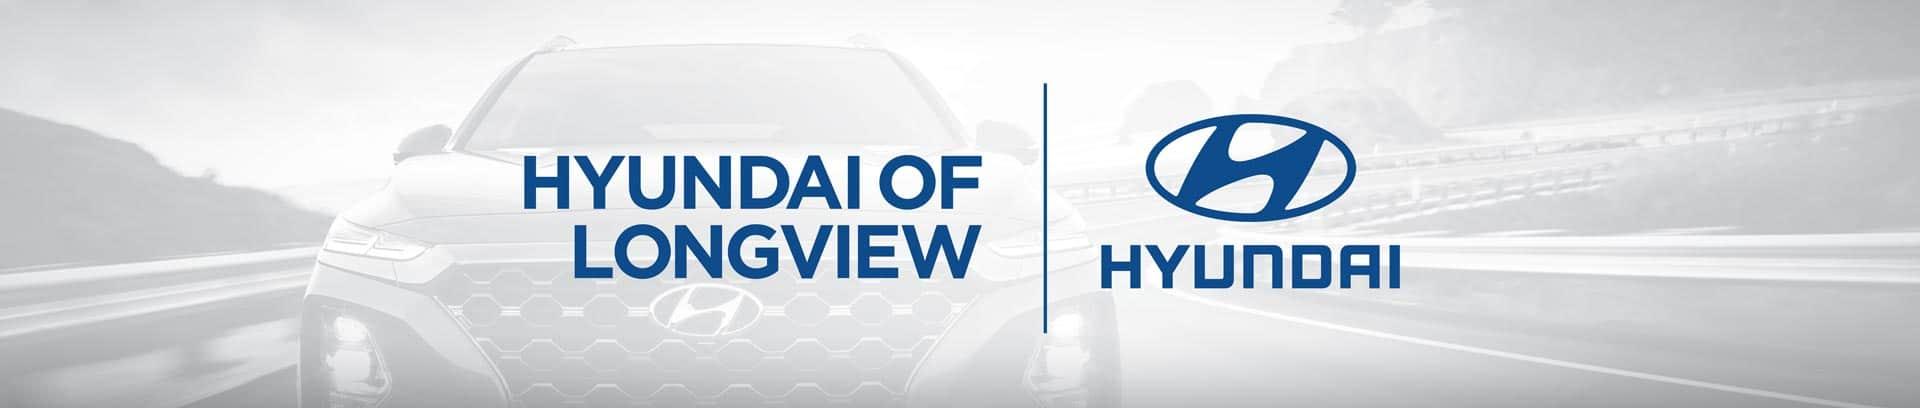 Hyundai of Longview